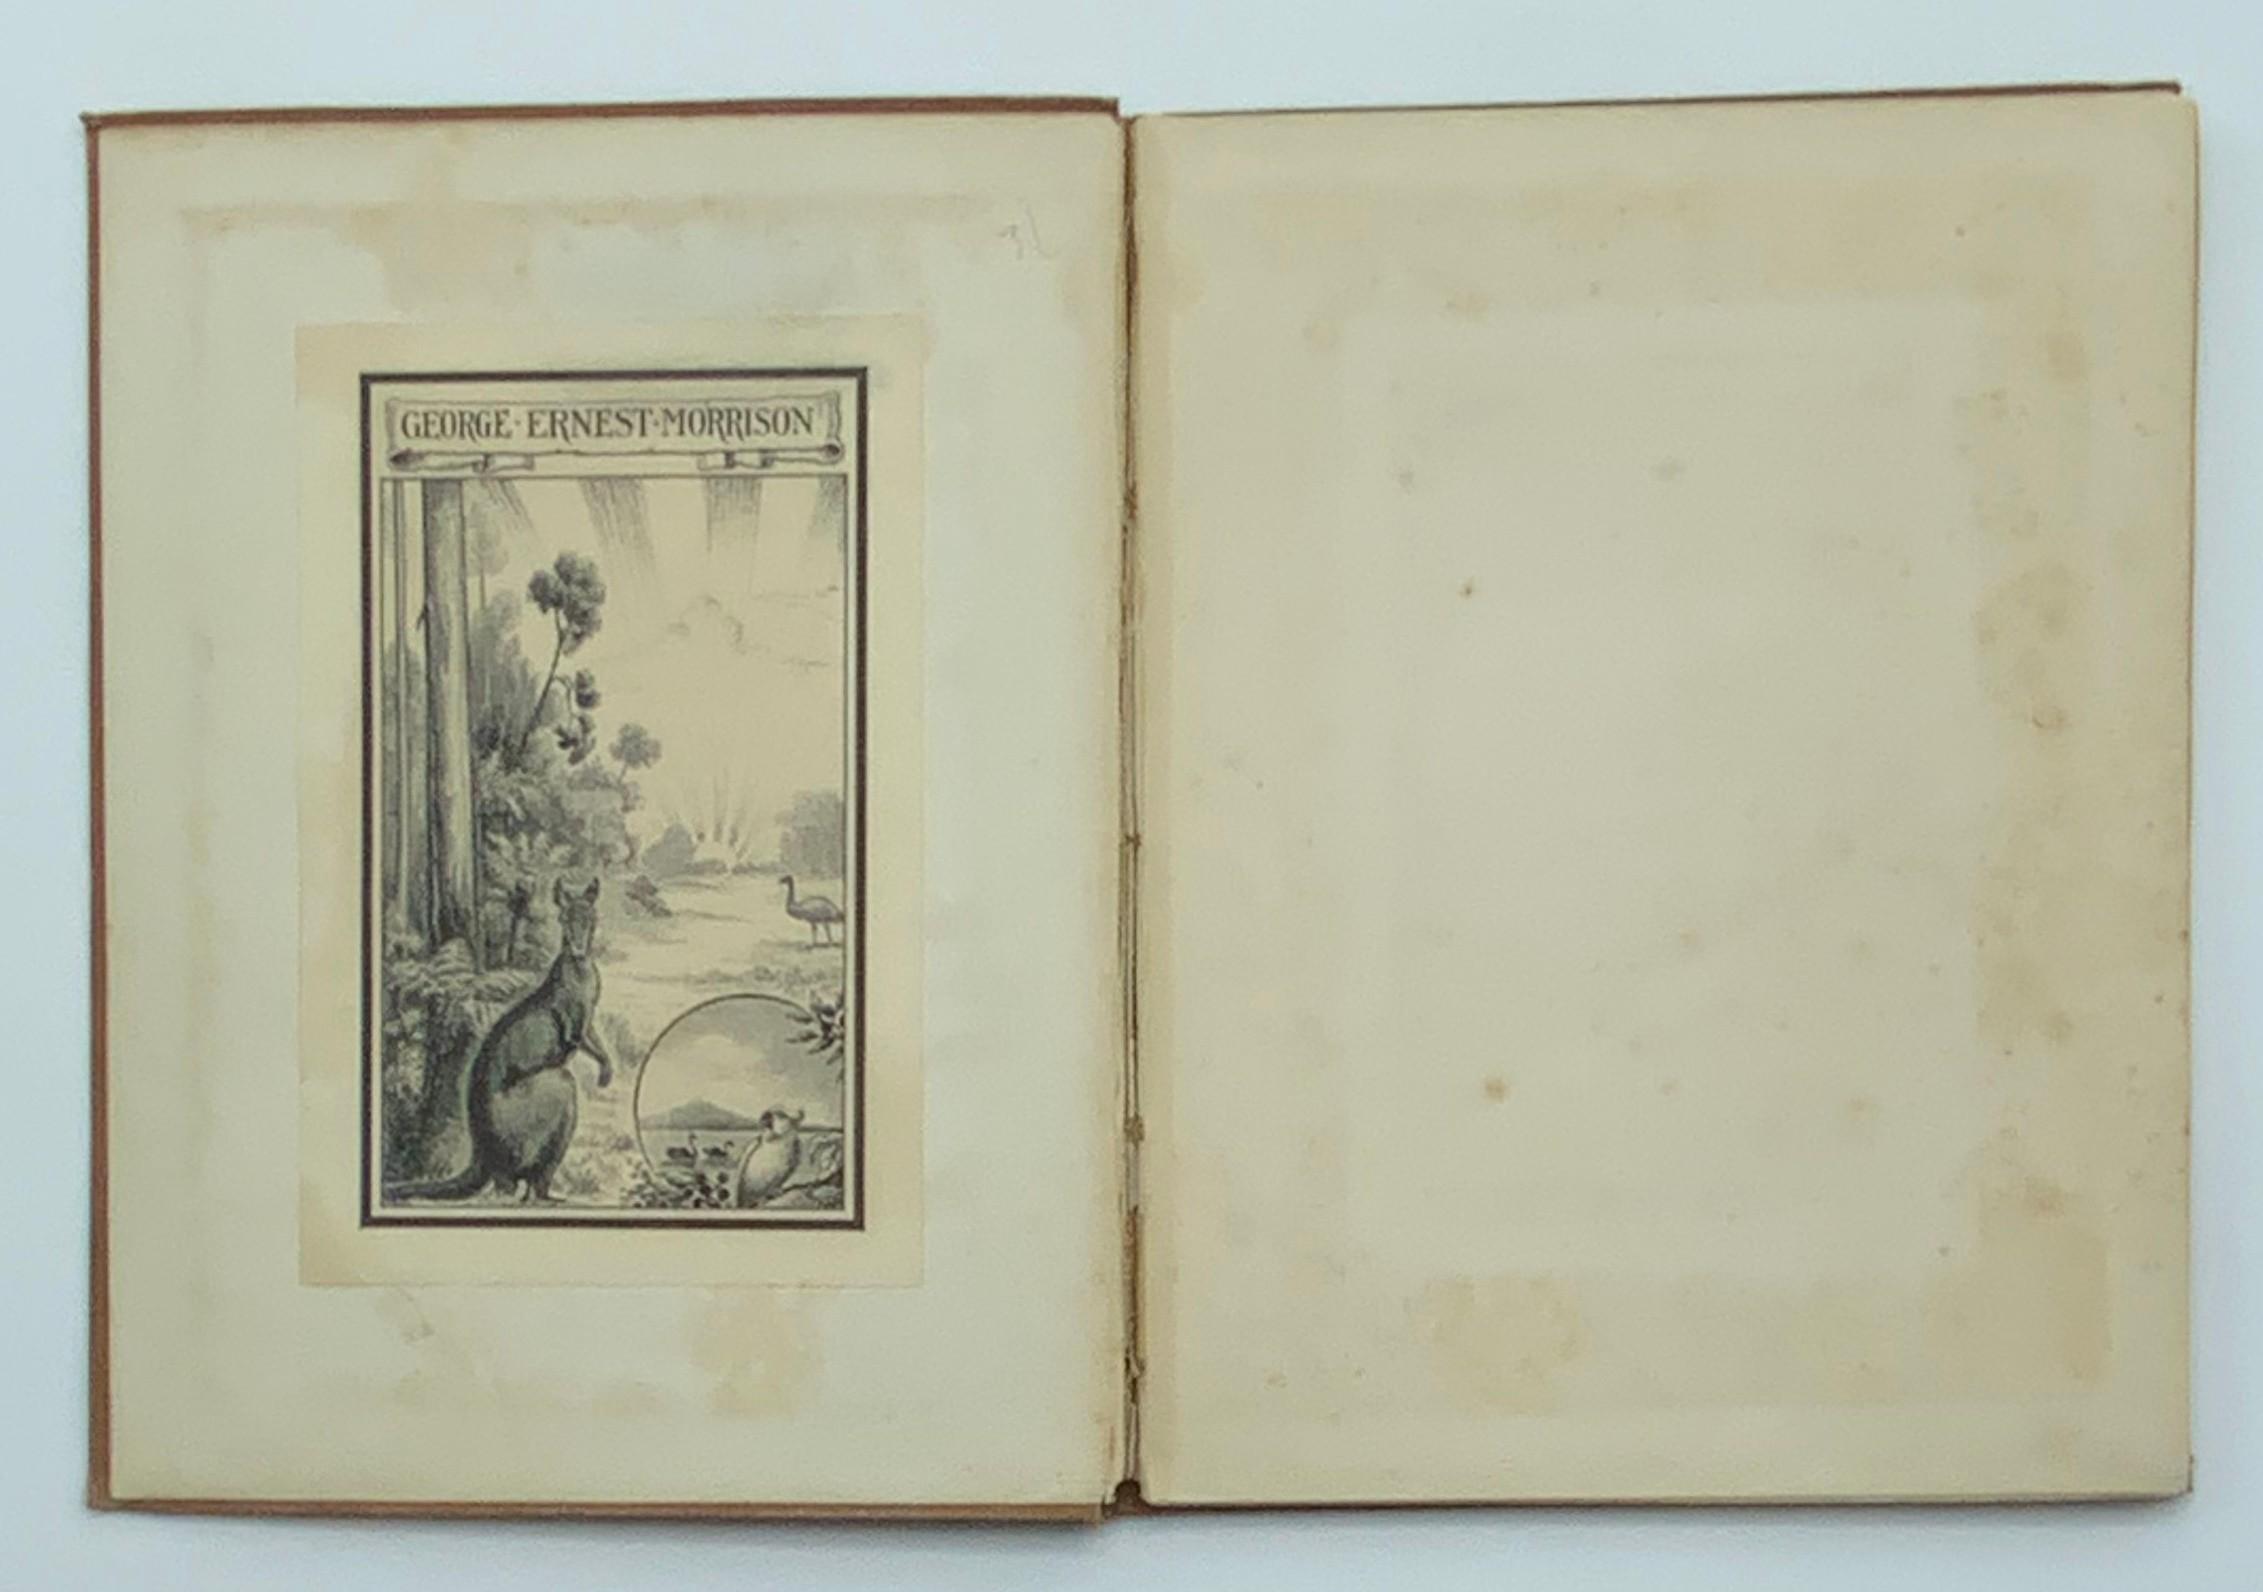 1873 BOMBASTES FURIOSO ILLUSTRATED BY GEORGE CRUIKSHANK - Image 2 of 5